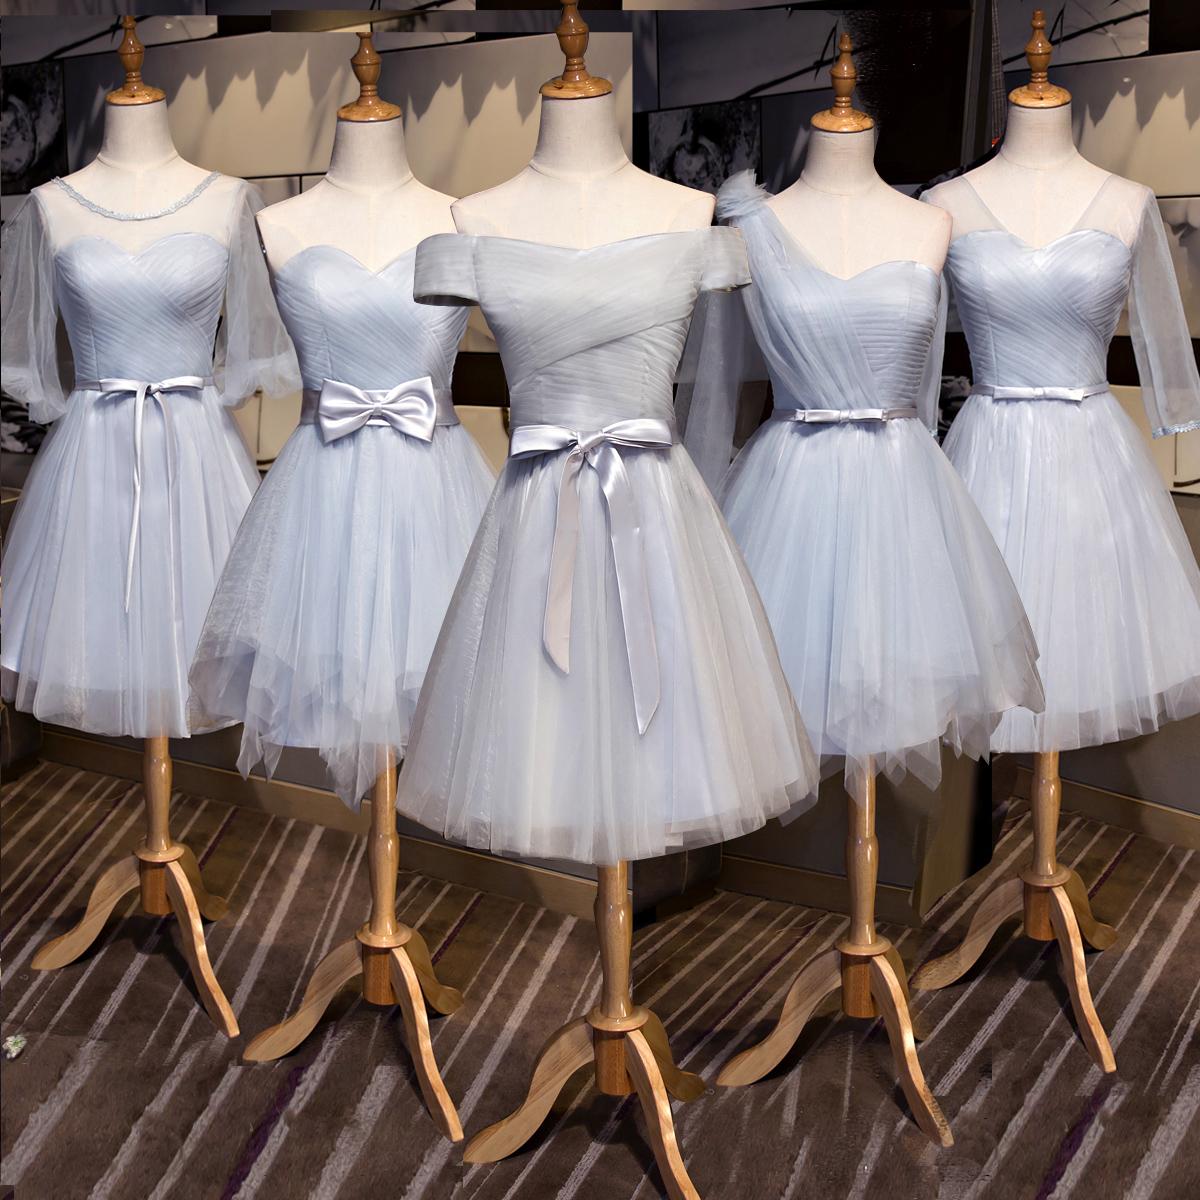 伴娘团姐妹裙2019新款一字肩显瘦短款同款伴娘服主持人年会礼服女